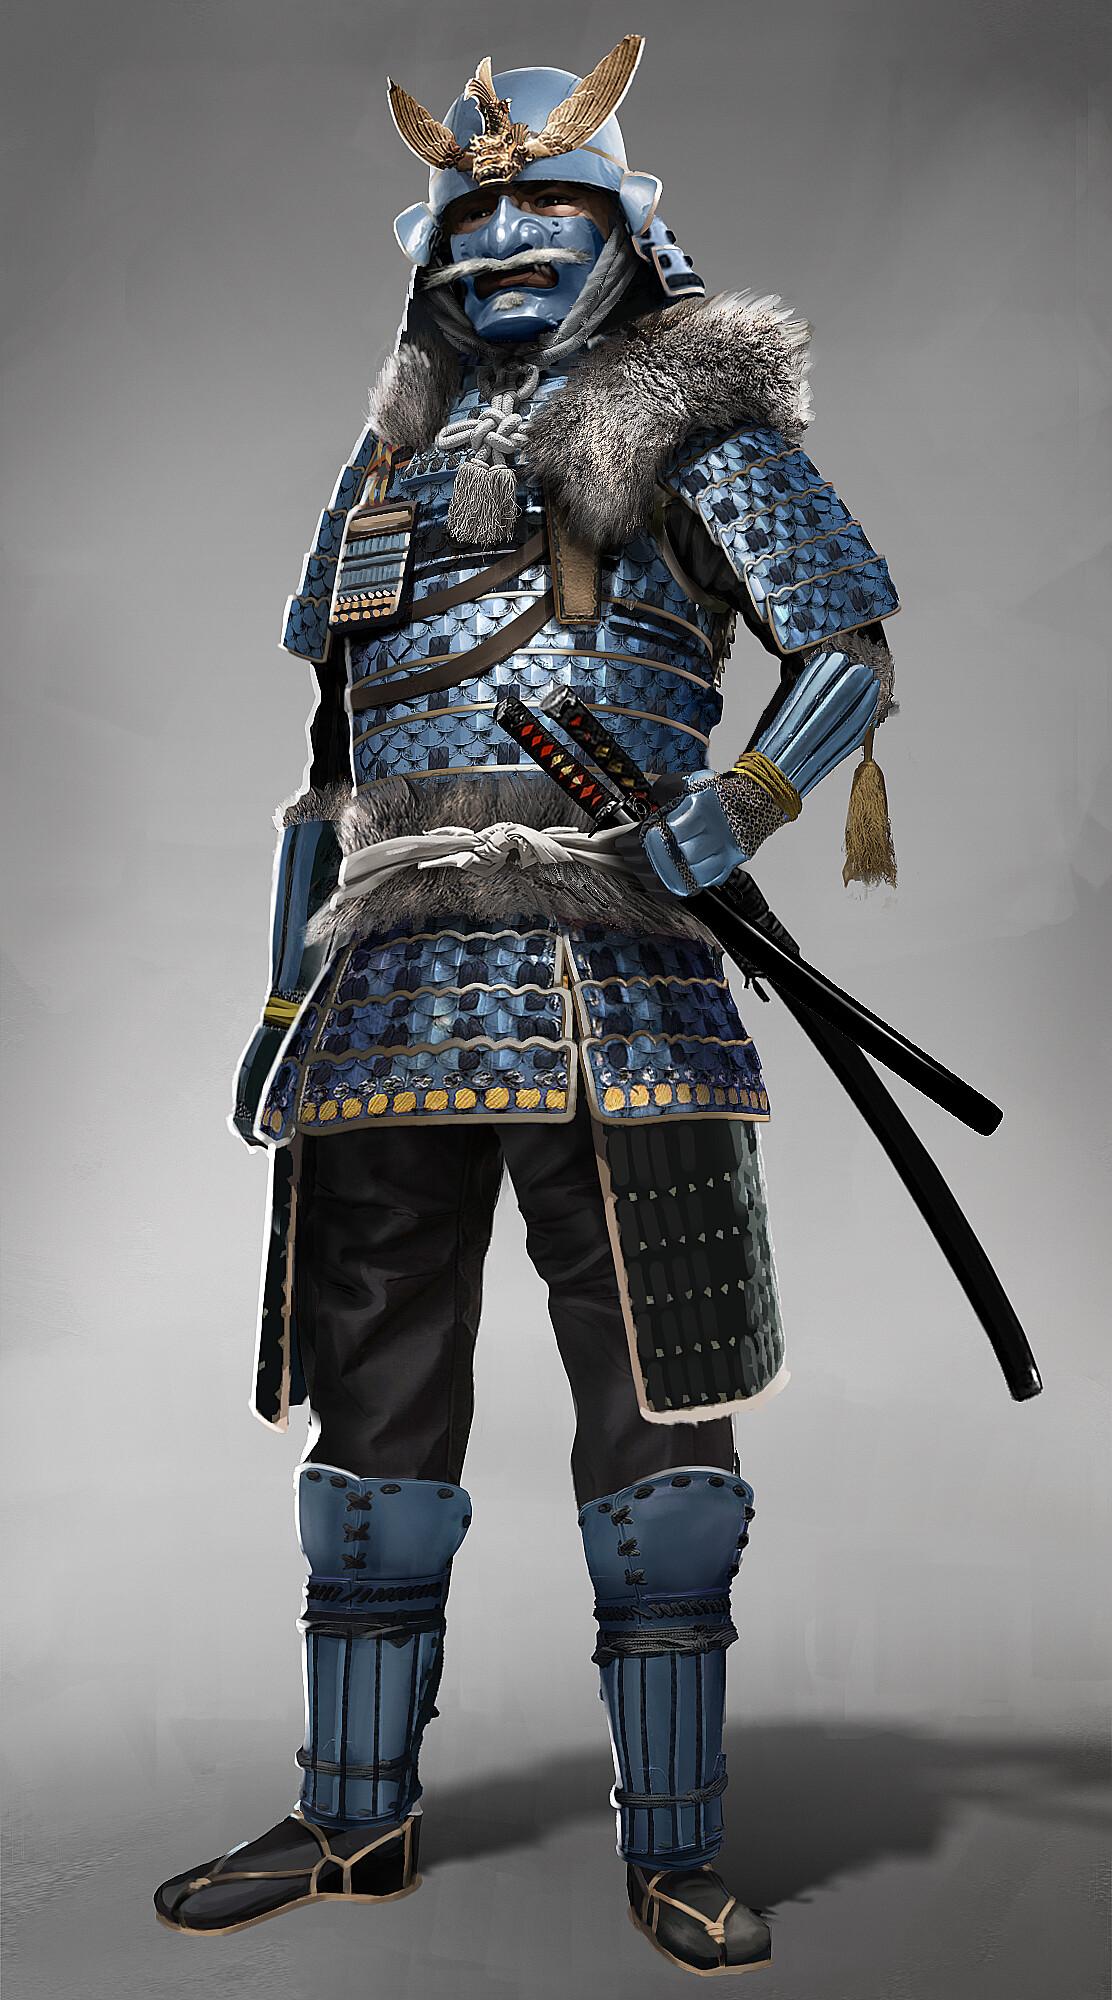 Artstation Winter Samurai Character Design Karl Ehrnstrom